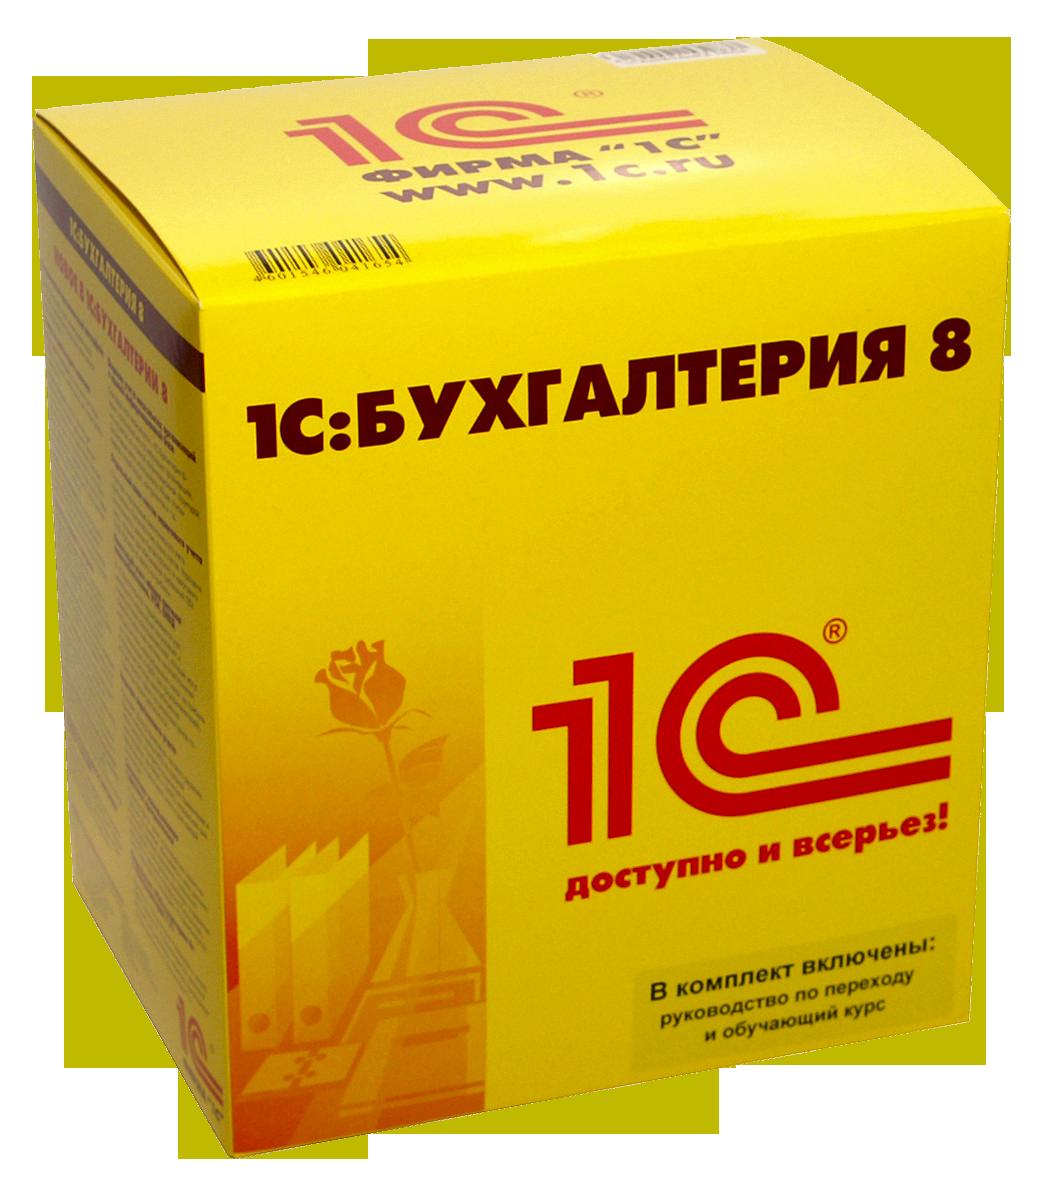 1С:Бухгалтерия 8 ПРОФ. Поставка для розничного распространения (USB)